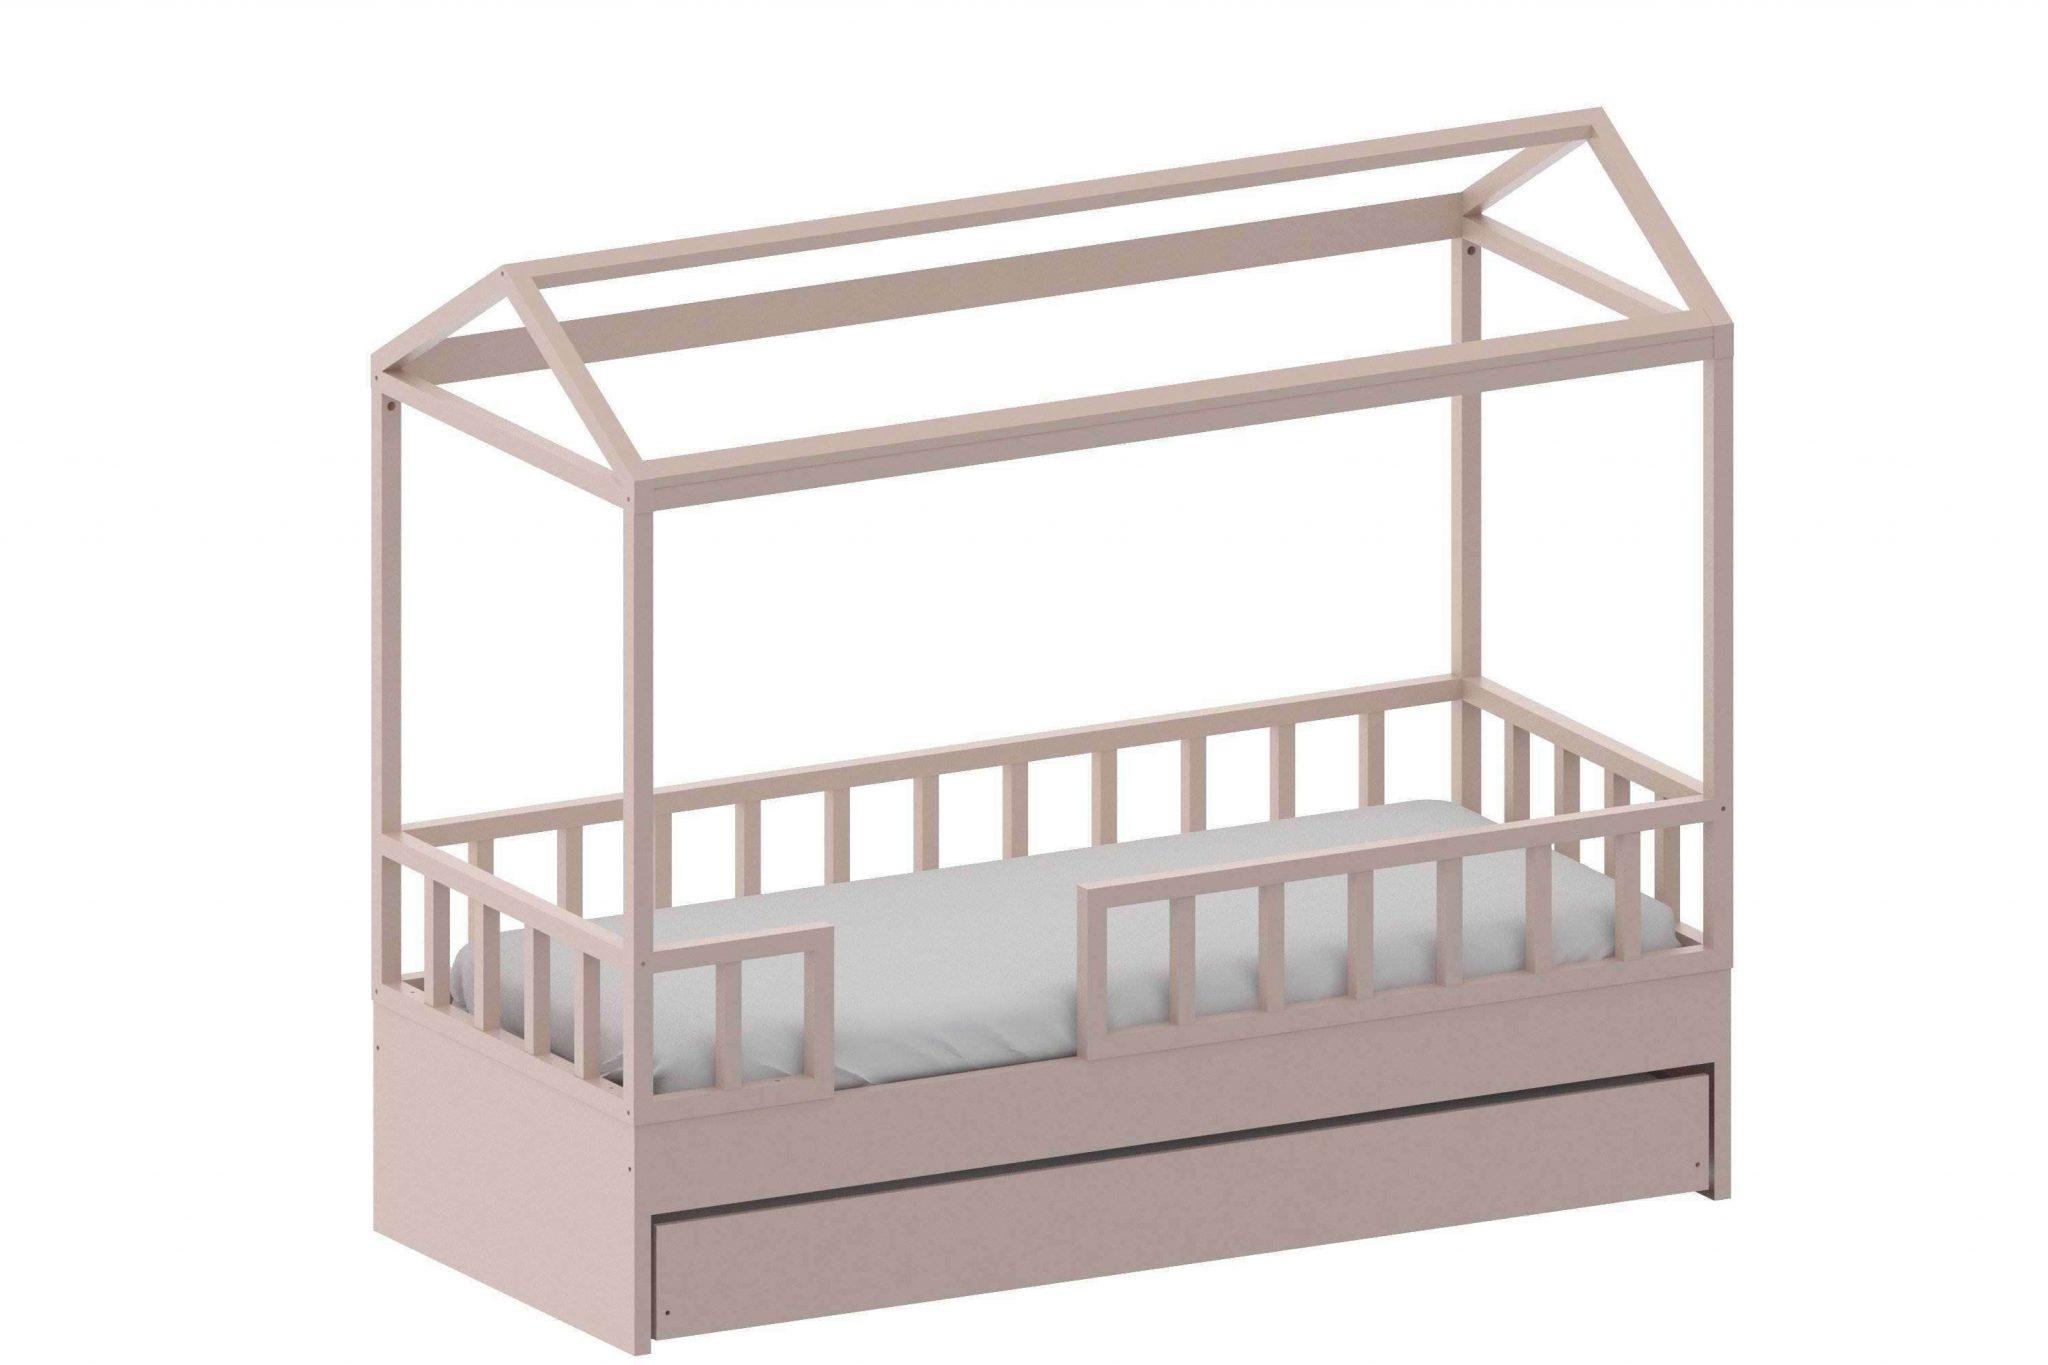 cama-casinha-com-auxiliar-v2-nude-2048x1365